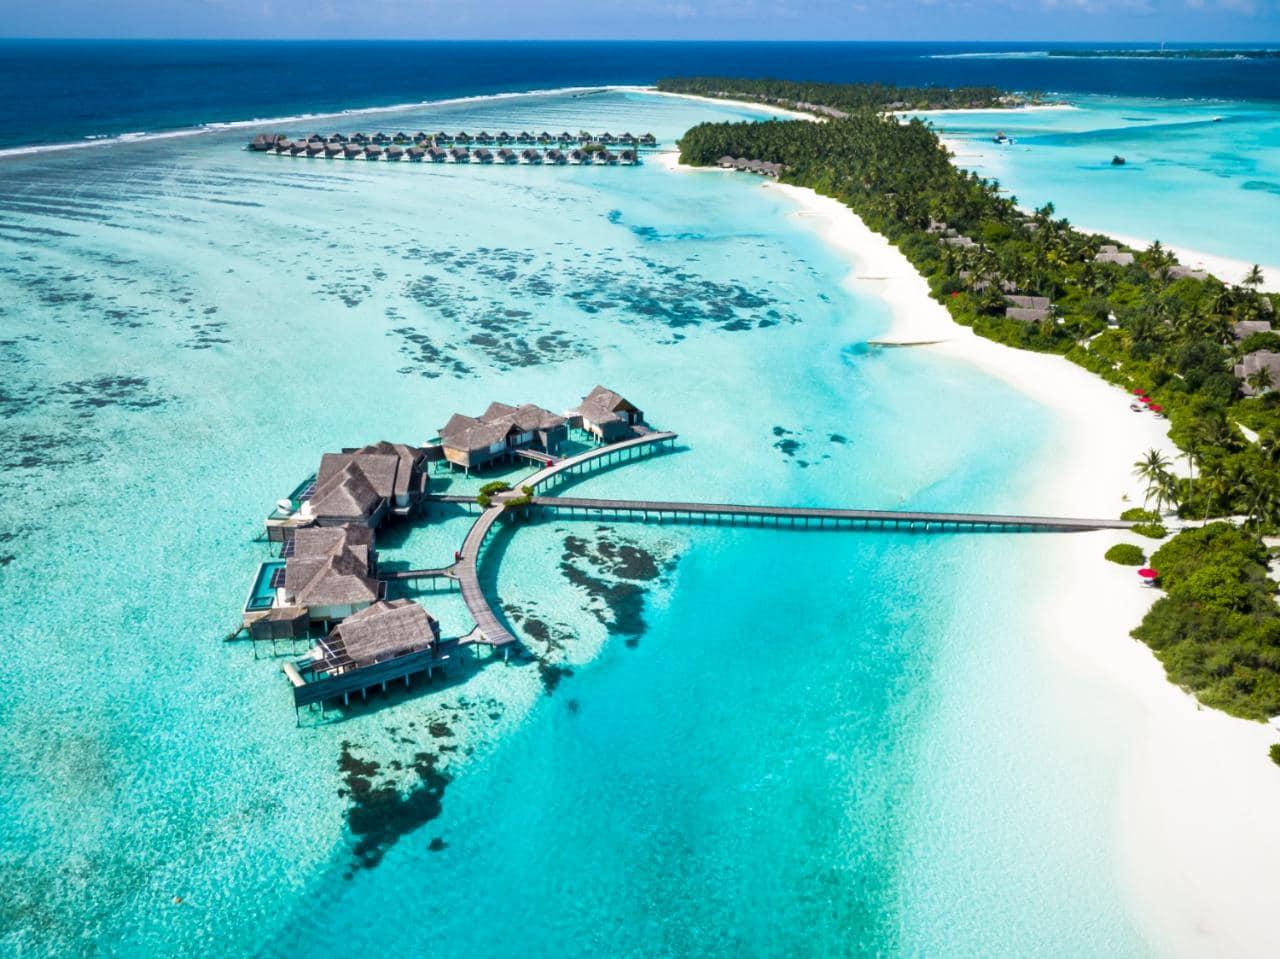 maldives-niyama-1-xlarge